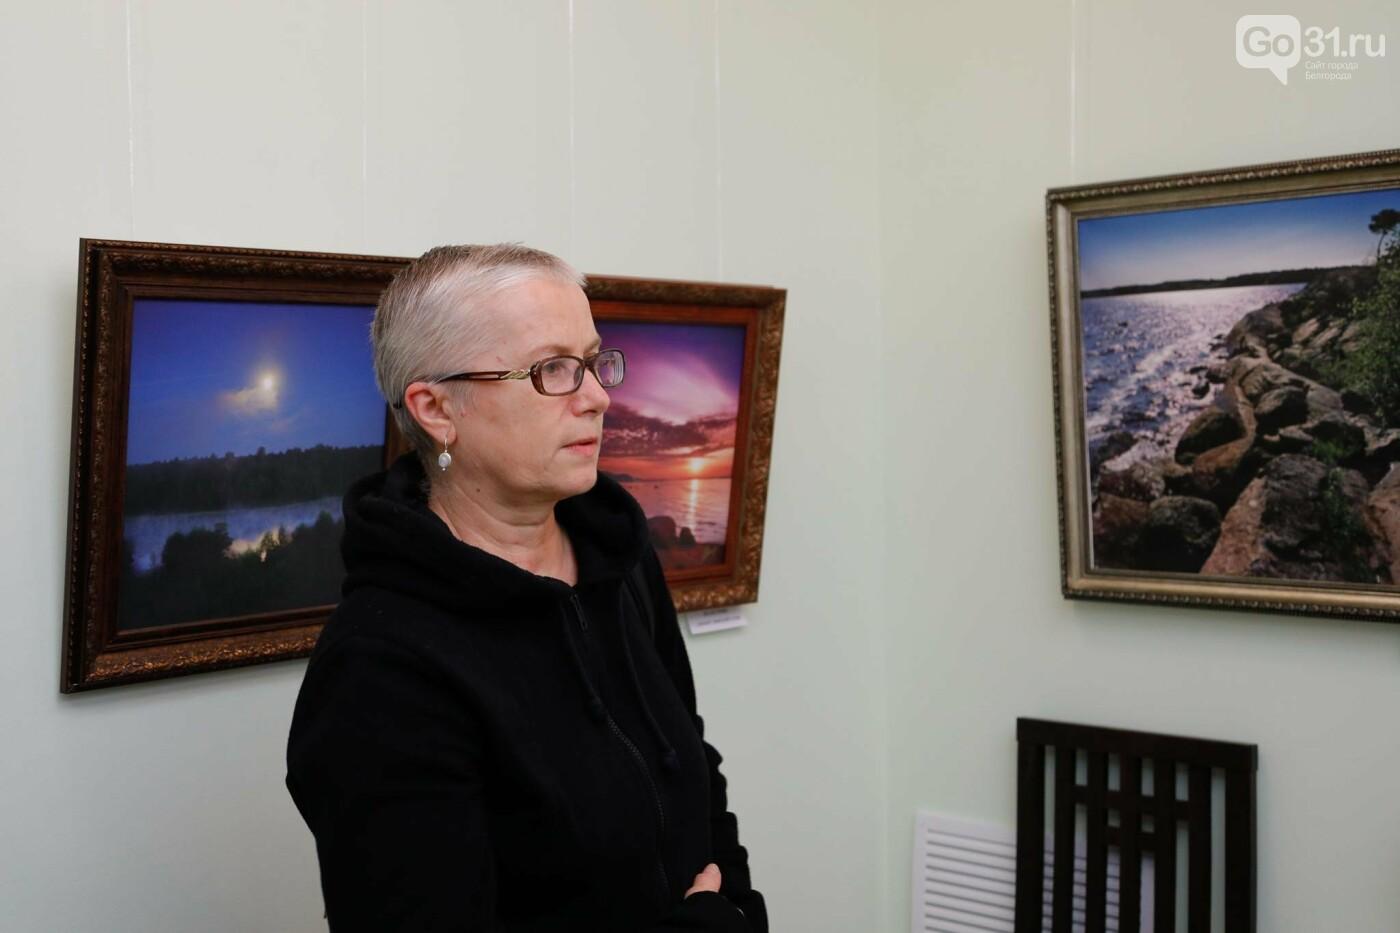 В Белгороде открылась персональная фотовыставка Владимира Щекалова, фото-19